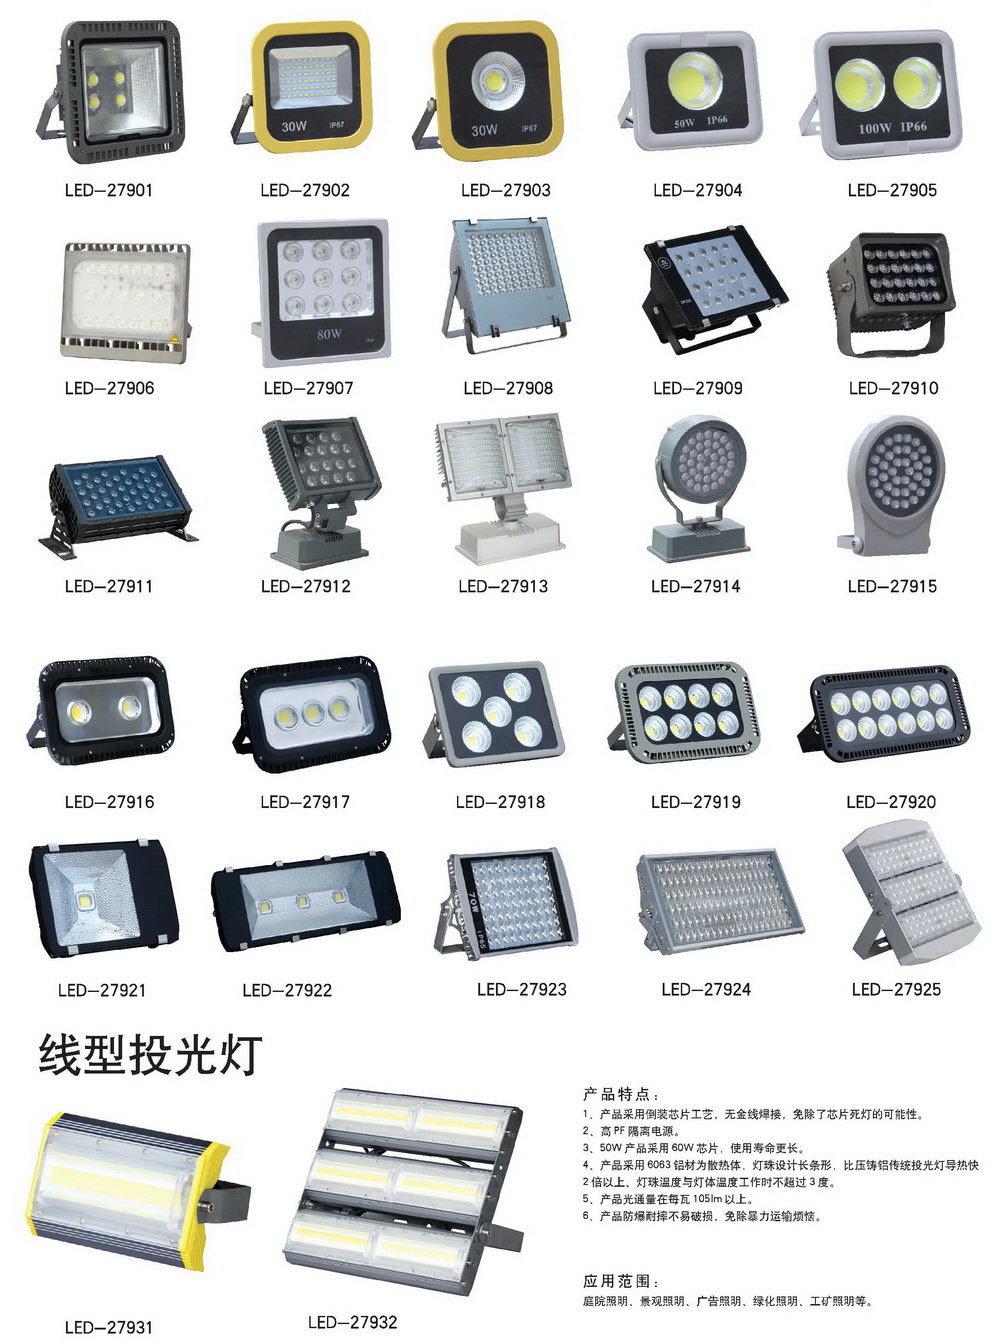 LED灯系列-2790